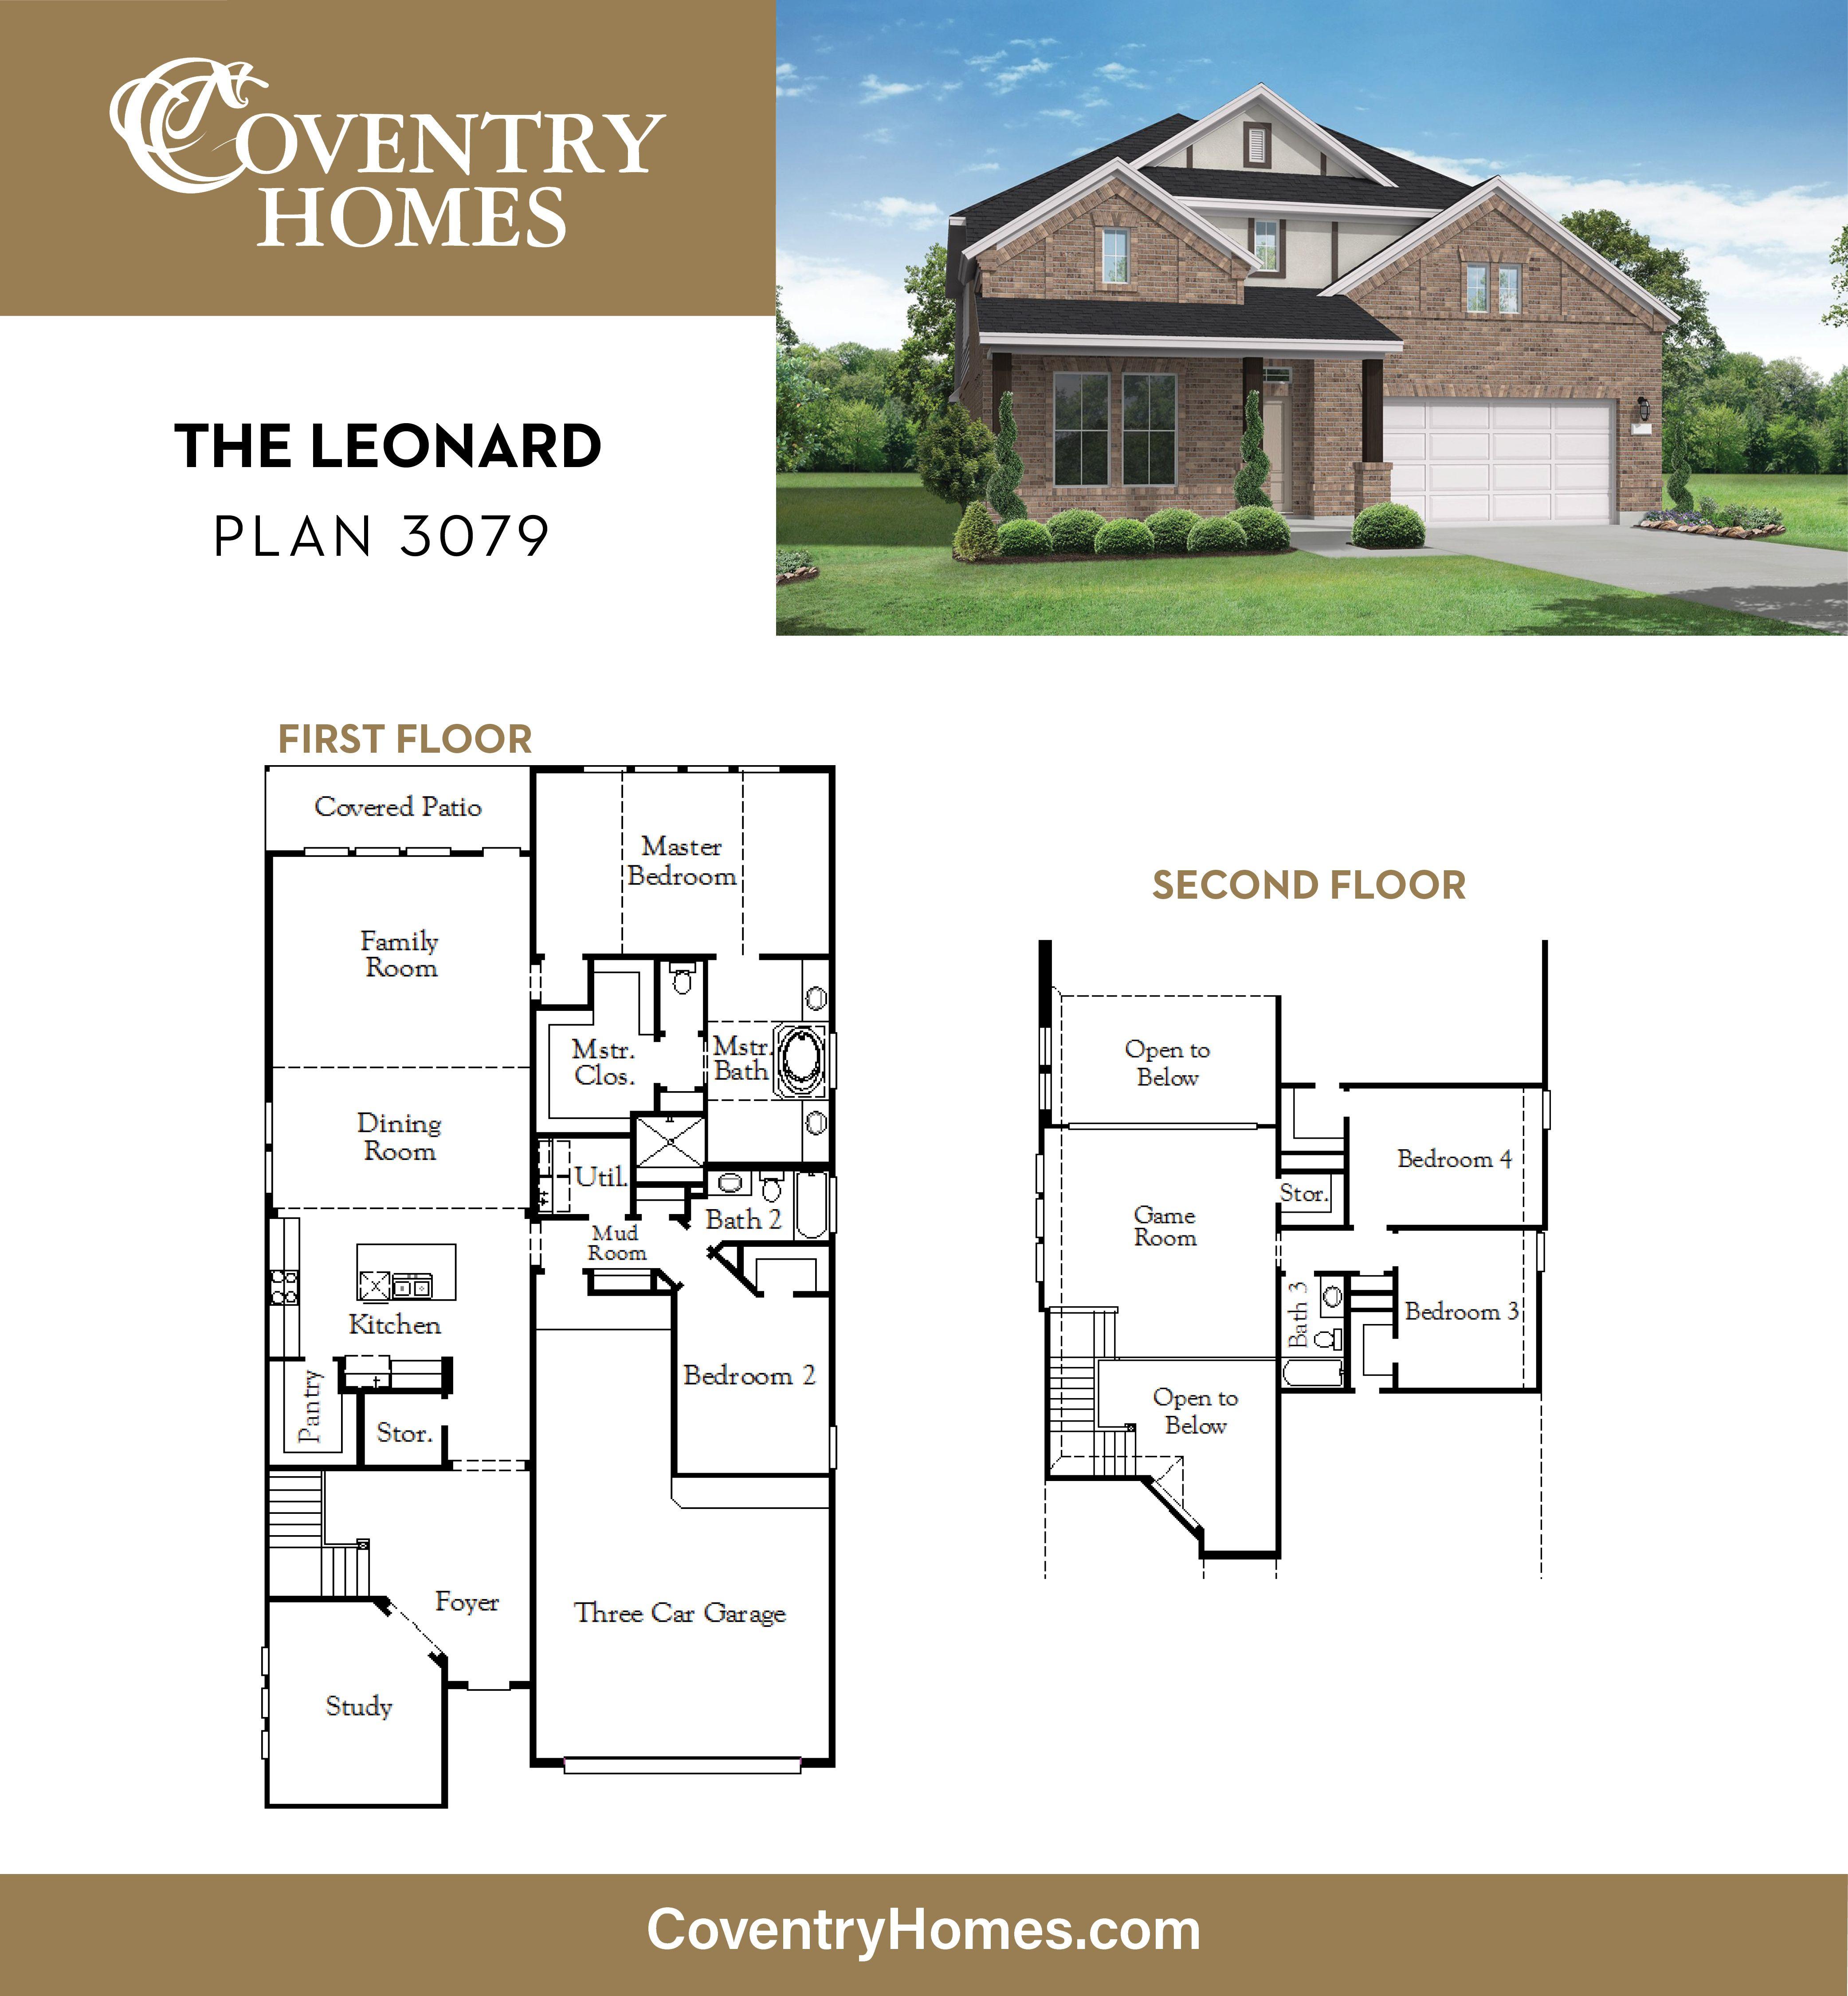 New Home Plans Floor Plan Designs In 2021 Floor Plan Design New House Plans House Floor Plans